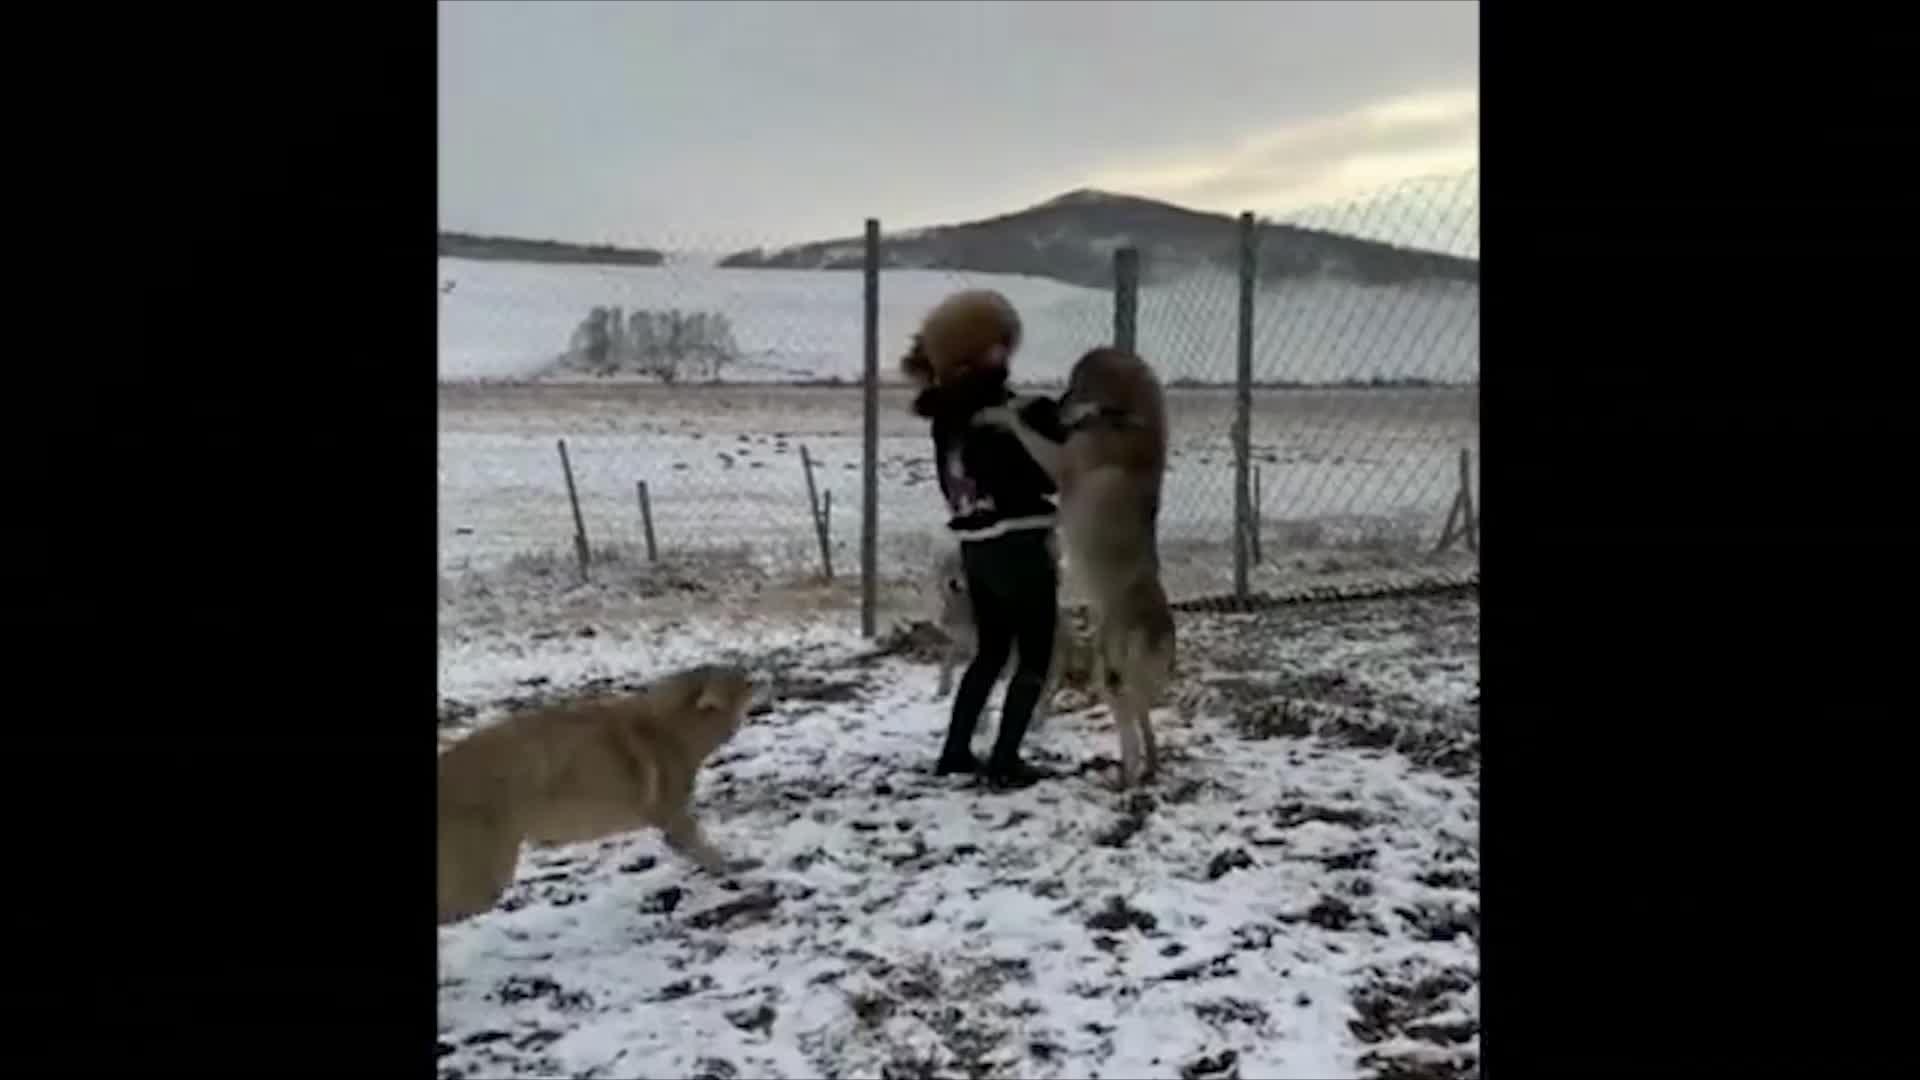 小姐姐闯入狼群竟然还敢呵斥野狼我就想知道这底气是哪来的